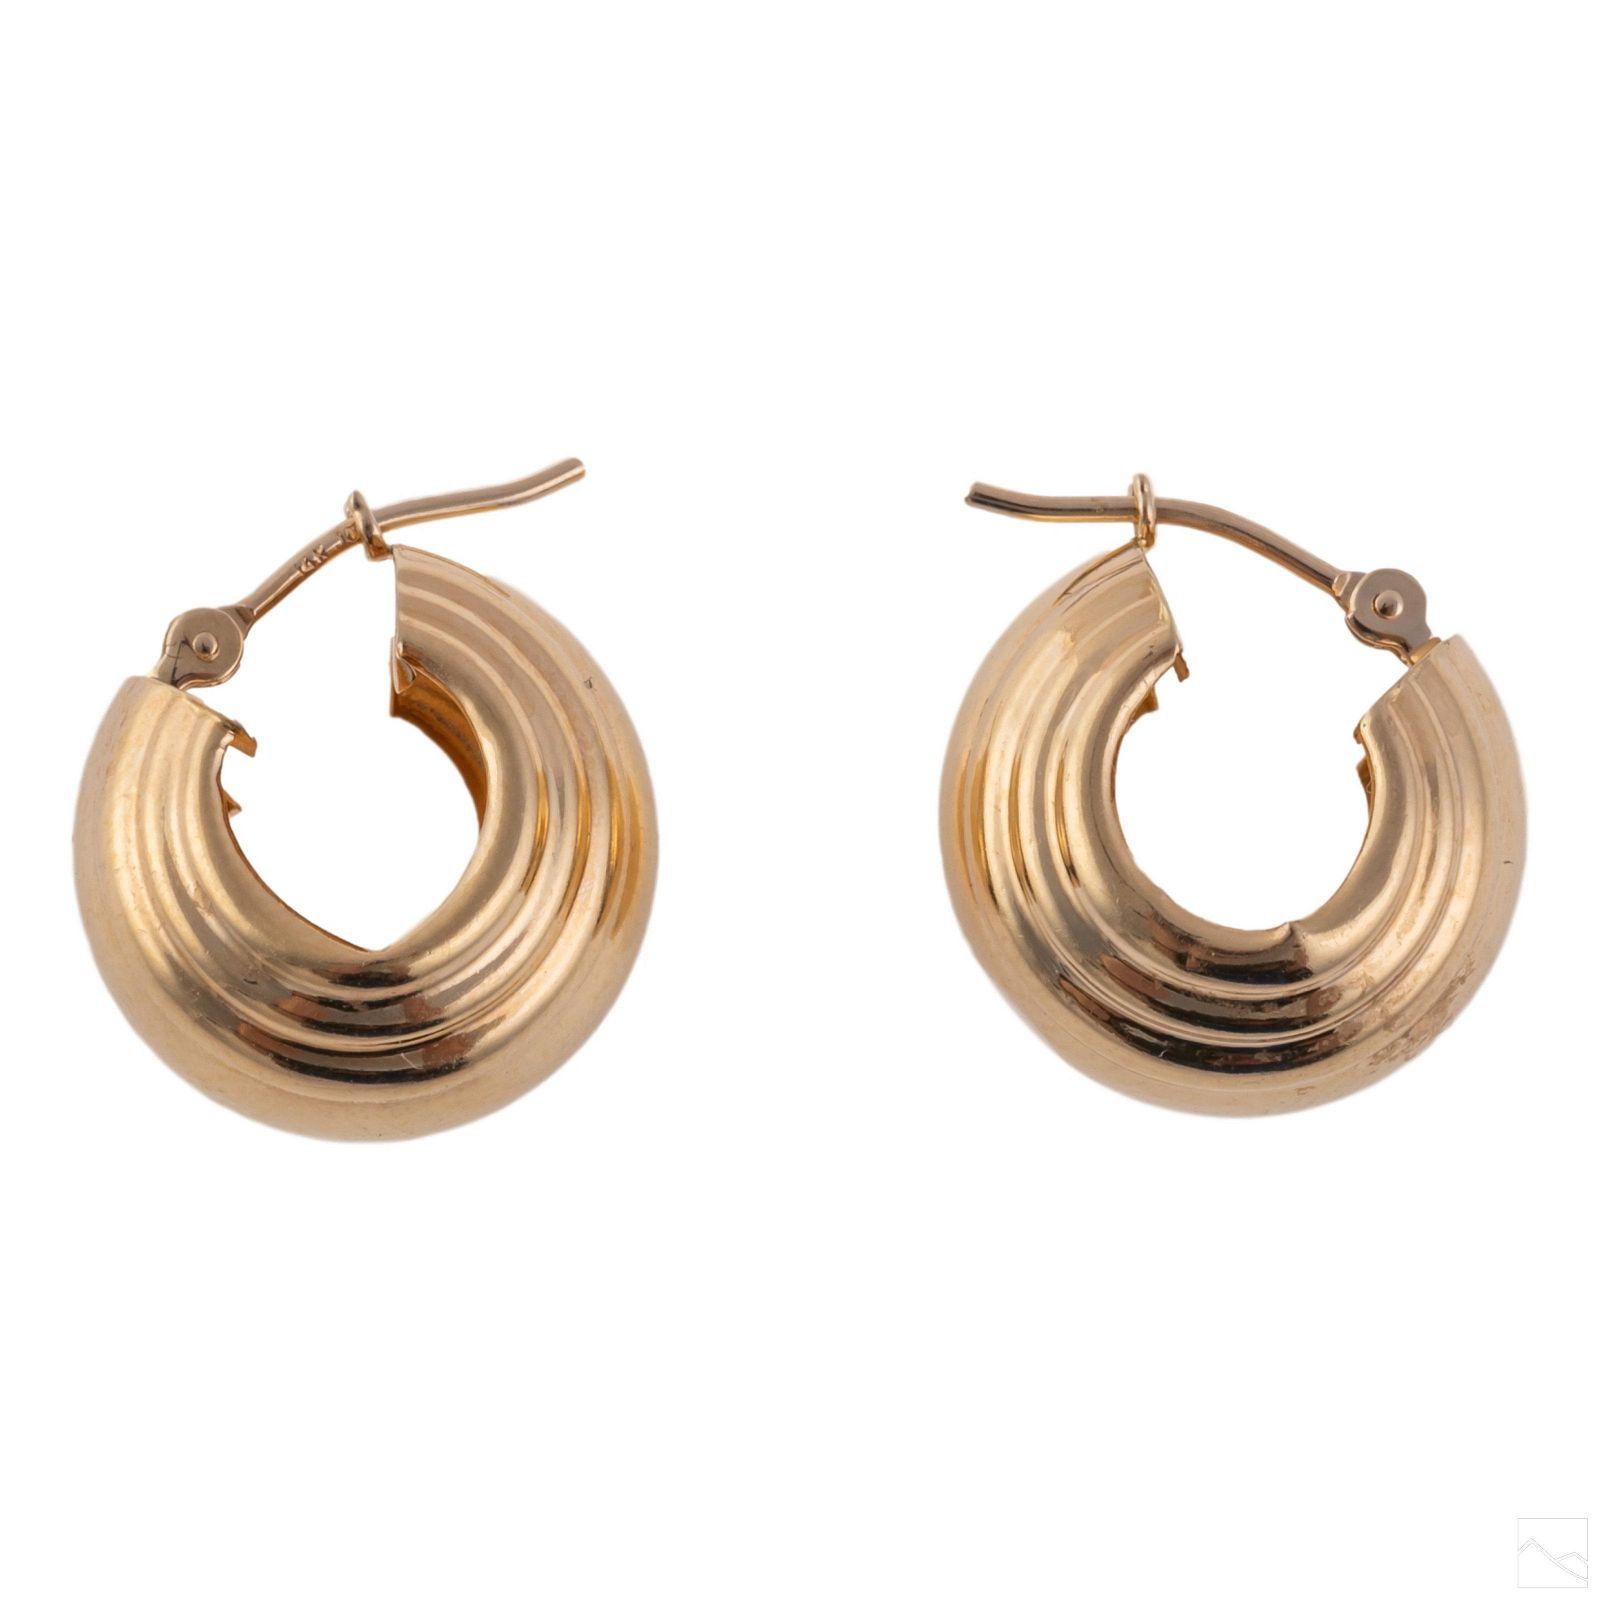 14K Yellow Gold Ladies Huggie Hoop Earrings Pair